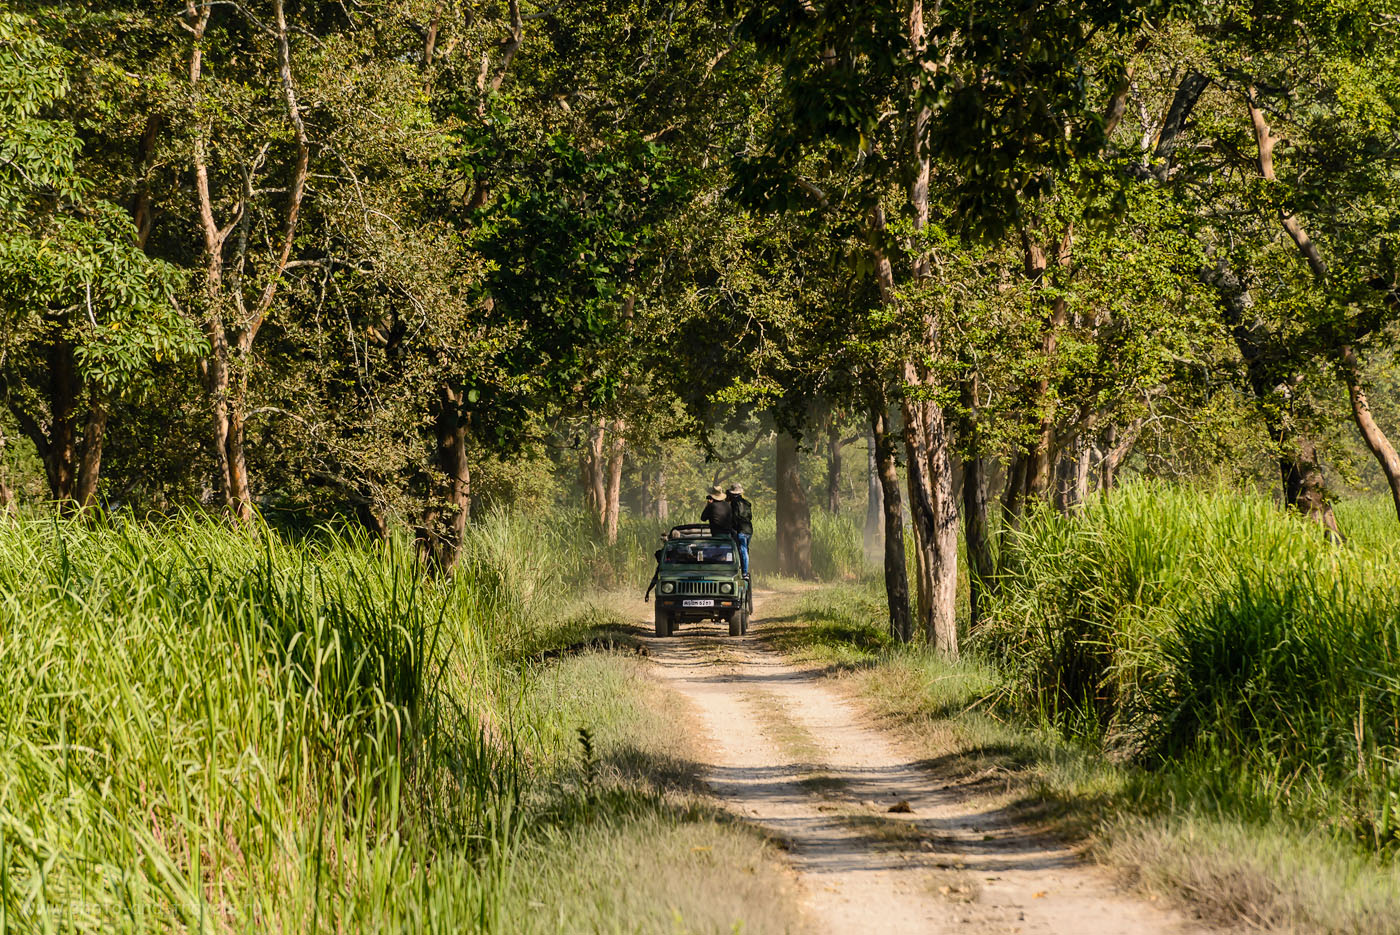 Фотография 26. Джип-сафари в Kaziranga National Park. Думаю, если выехать на рассвете, будет побольше животных. 1/250, -0.33, 9.0, 200, 300.